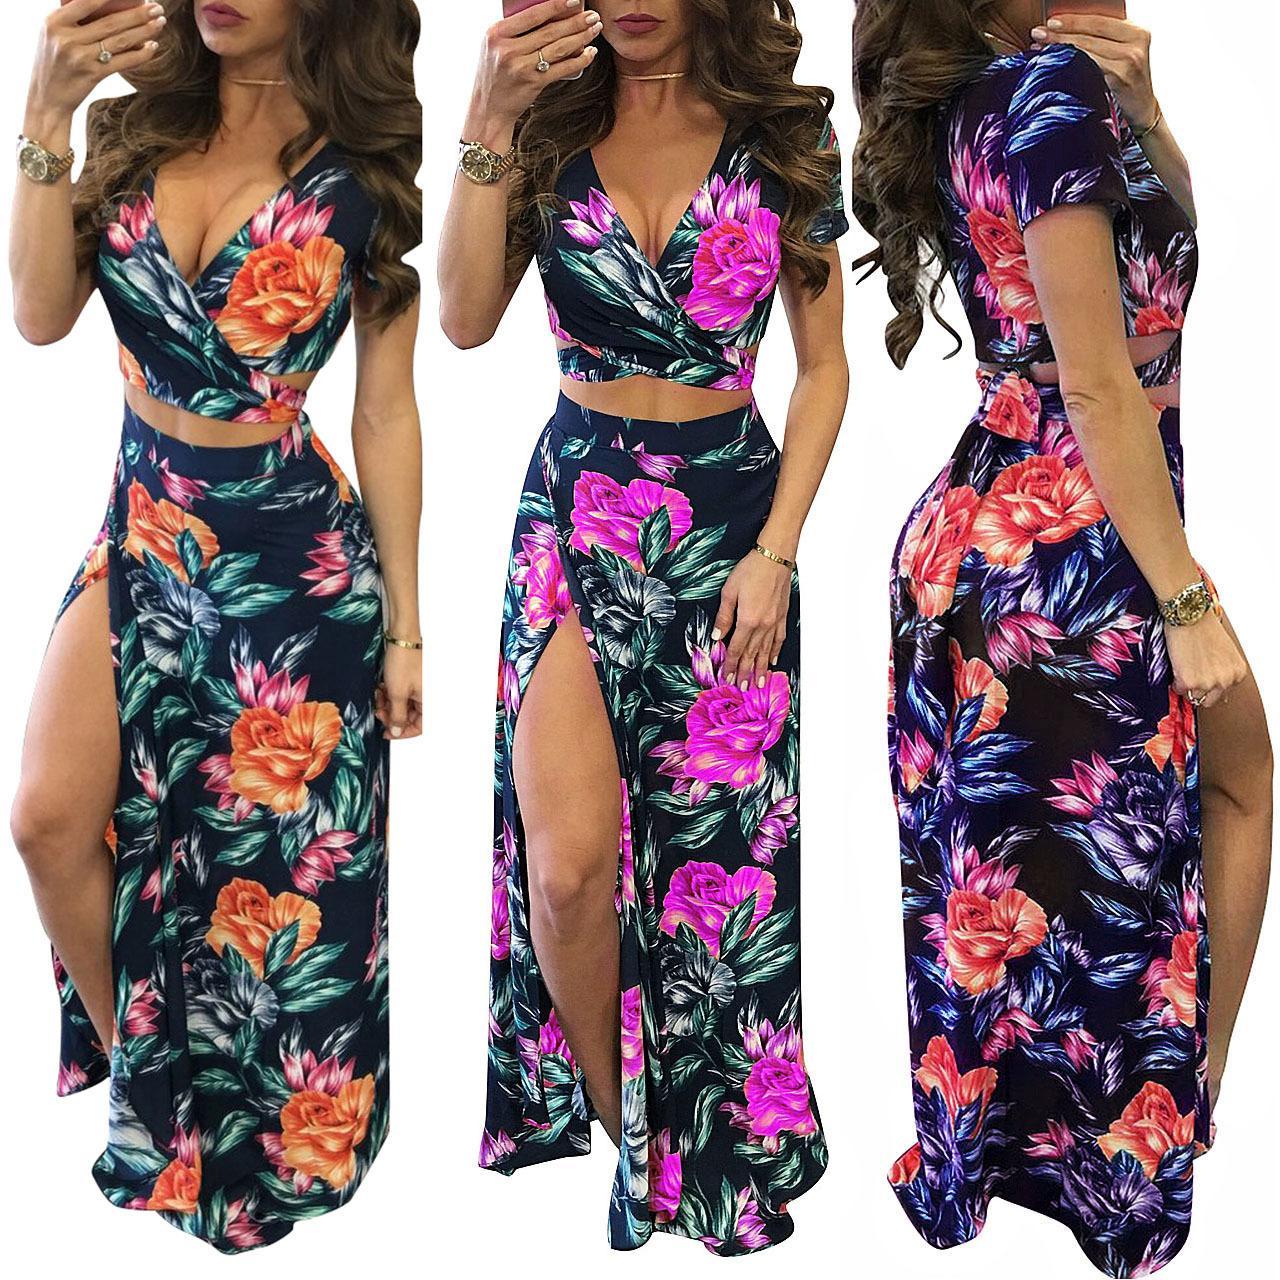 95d5e39fa6 2019 Women Summer Floral High Slit Long Dress Printed Maxi Beach Dress  Female Crop Top Two Piece Set Sundress Vestidos From Huiwu